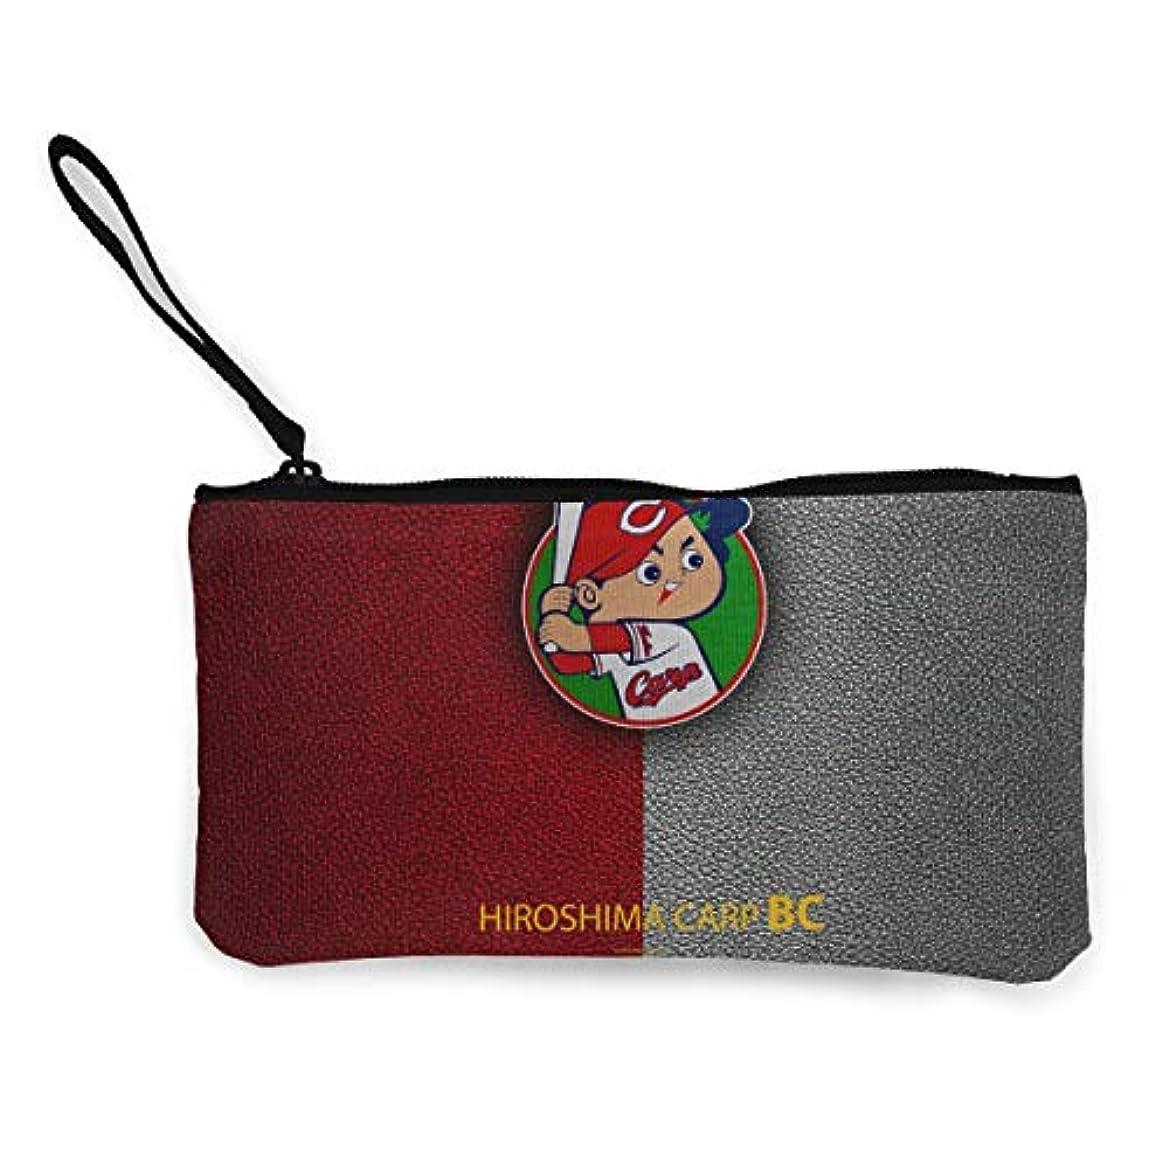 政治家心のこもった頼む広島東洋カープ 小銭入れ ワレット 財布 キャンバス ジッパー付きハンド 大容量